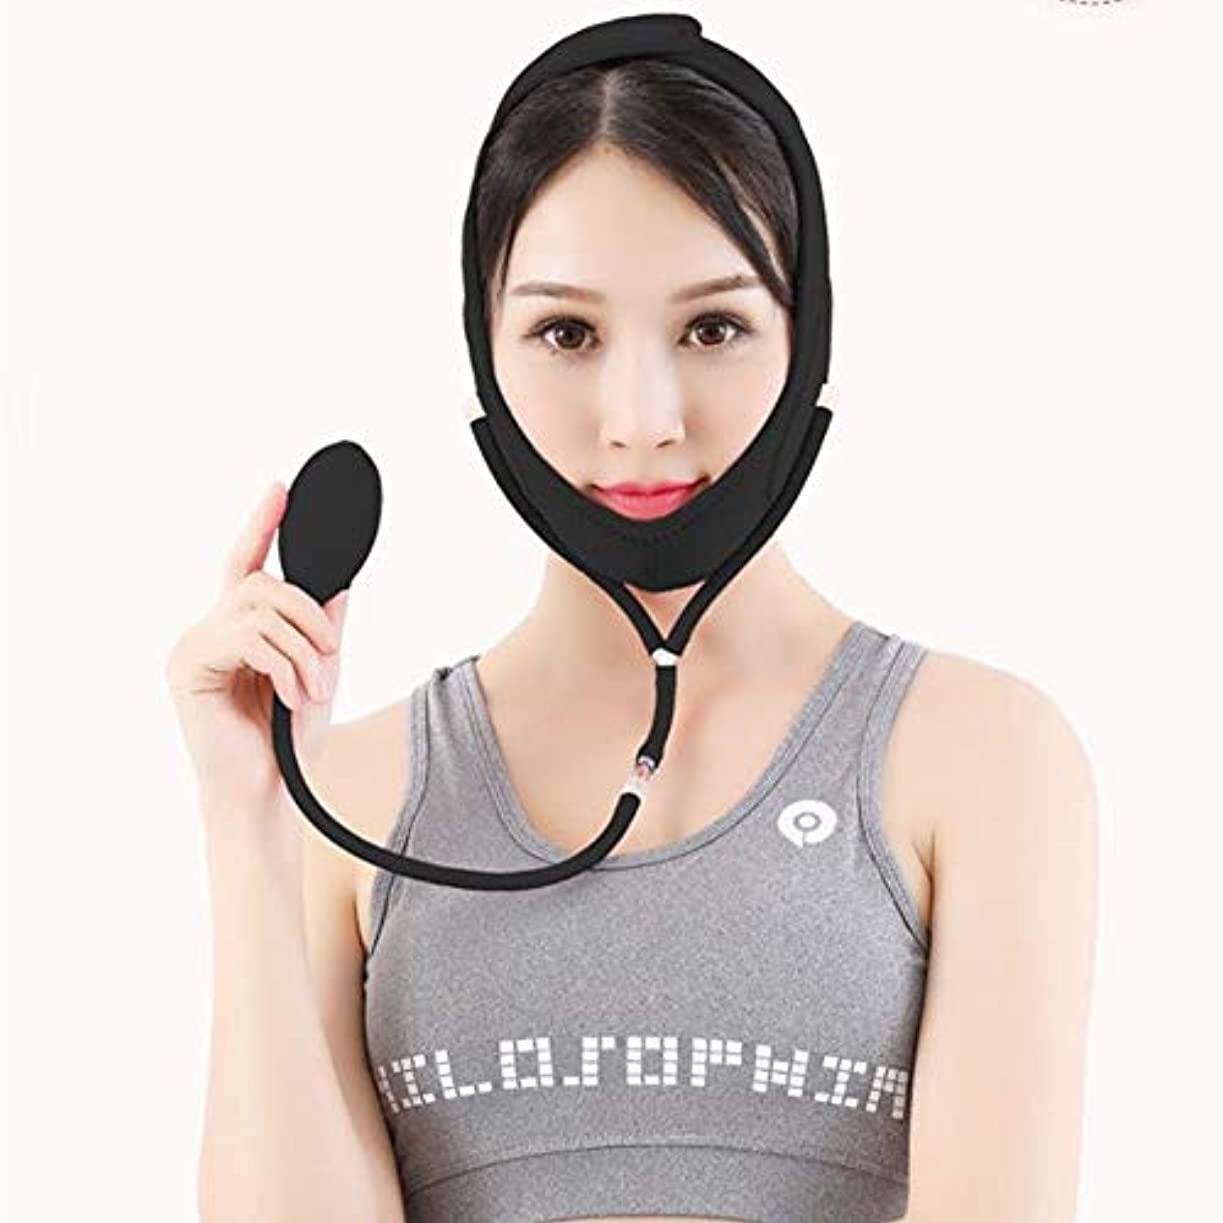 ぬいぐるみガチョウキウイフェイスリフティングベルト、フェイスリフティング包帯フェイシャルマッサージVシェイプにより、睡眠の質が向上 (Color : Black, Size : L)